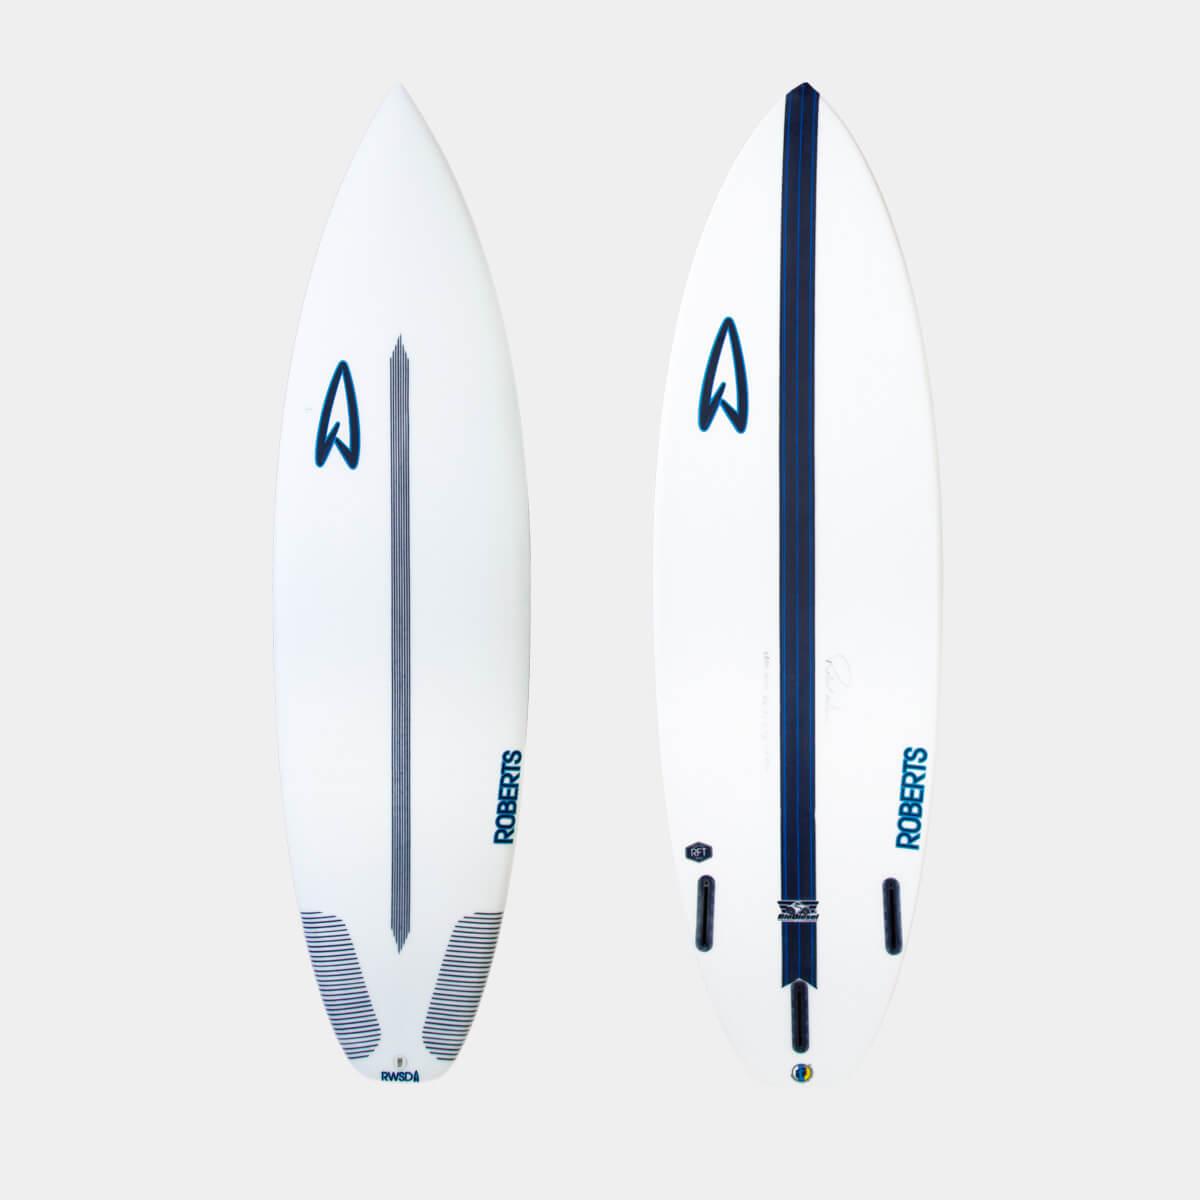 ROBERTS SURFBOARD /EPS-EPOXY/ MODELO BIO DIESEL. 6'6 1